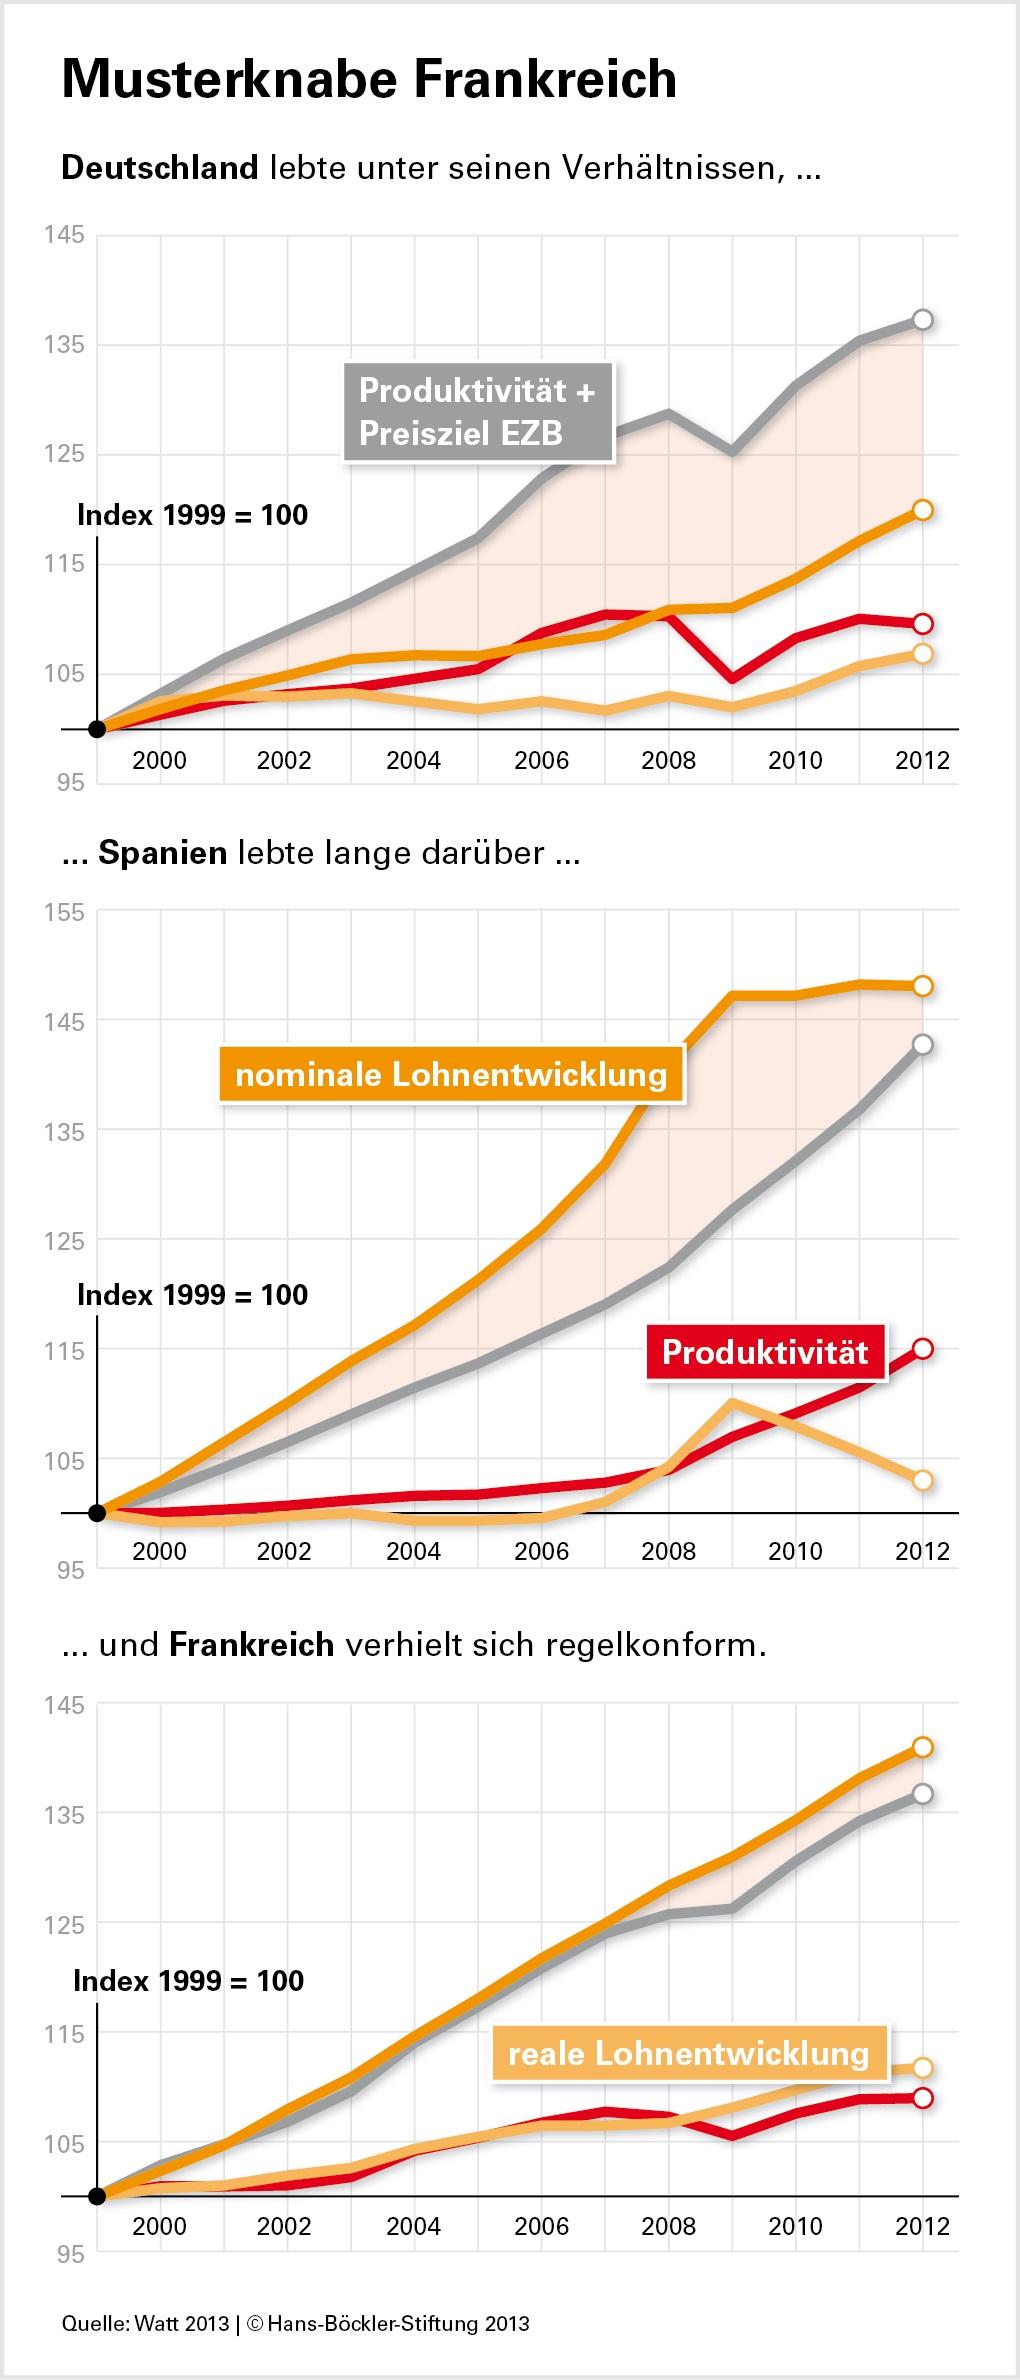 Lohnentwicklung, Löhne, Preisentwicklung, Produktivität, Deutschland, Frankreich